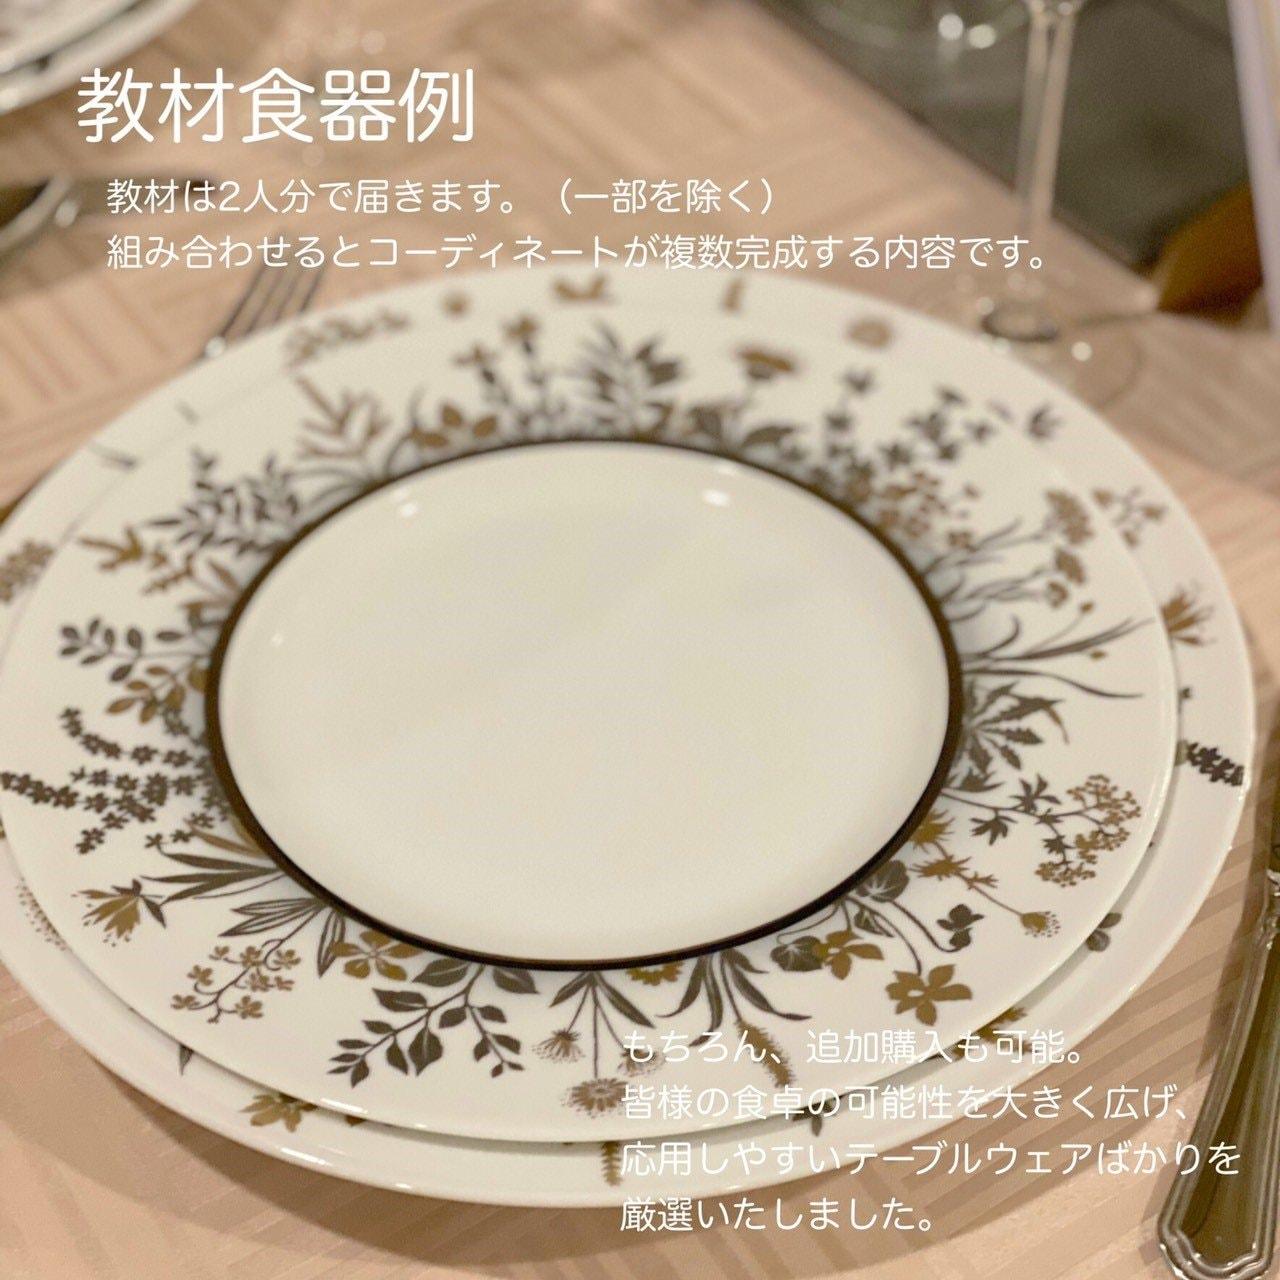 教材食器付き テーブルコーディネートオンライン講座のイメージその2